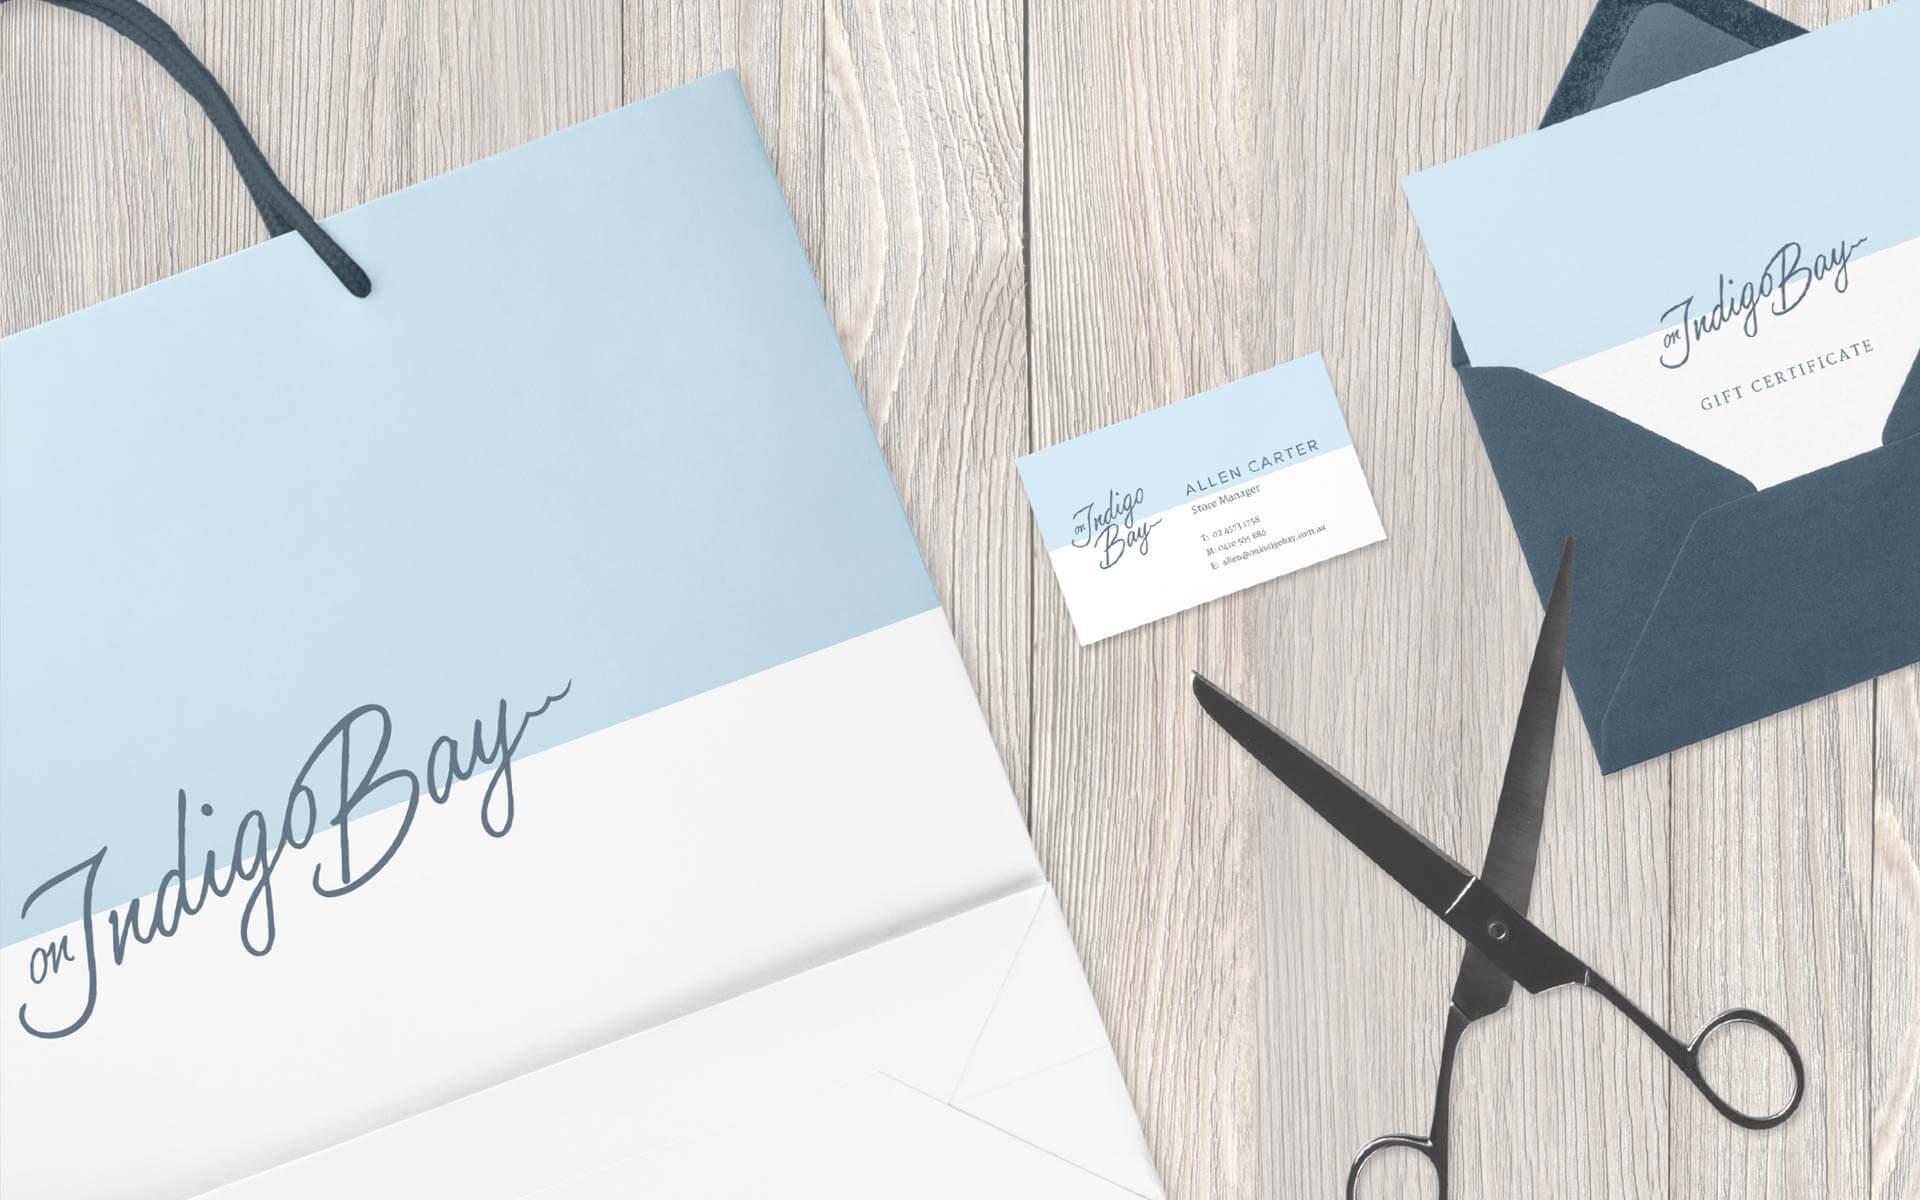 On Indigo Bay bag and gift card